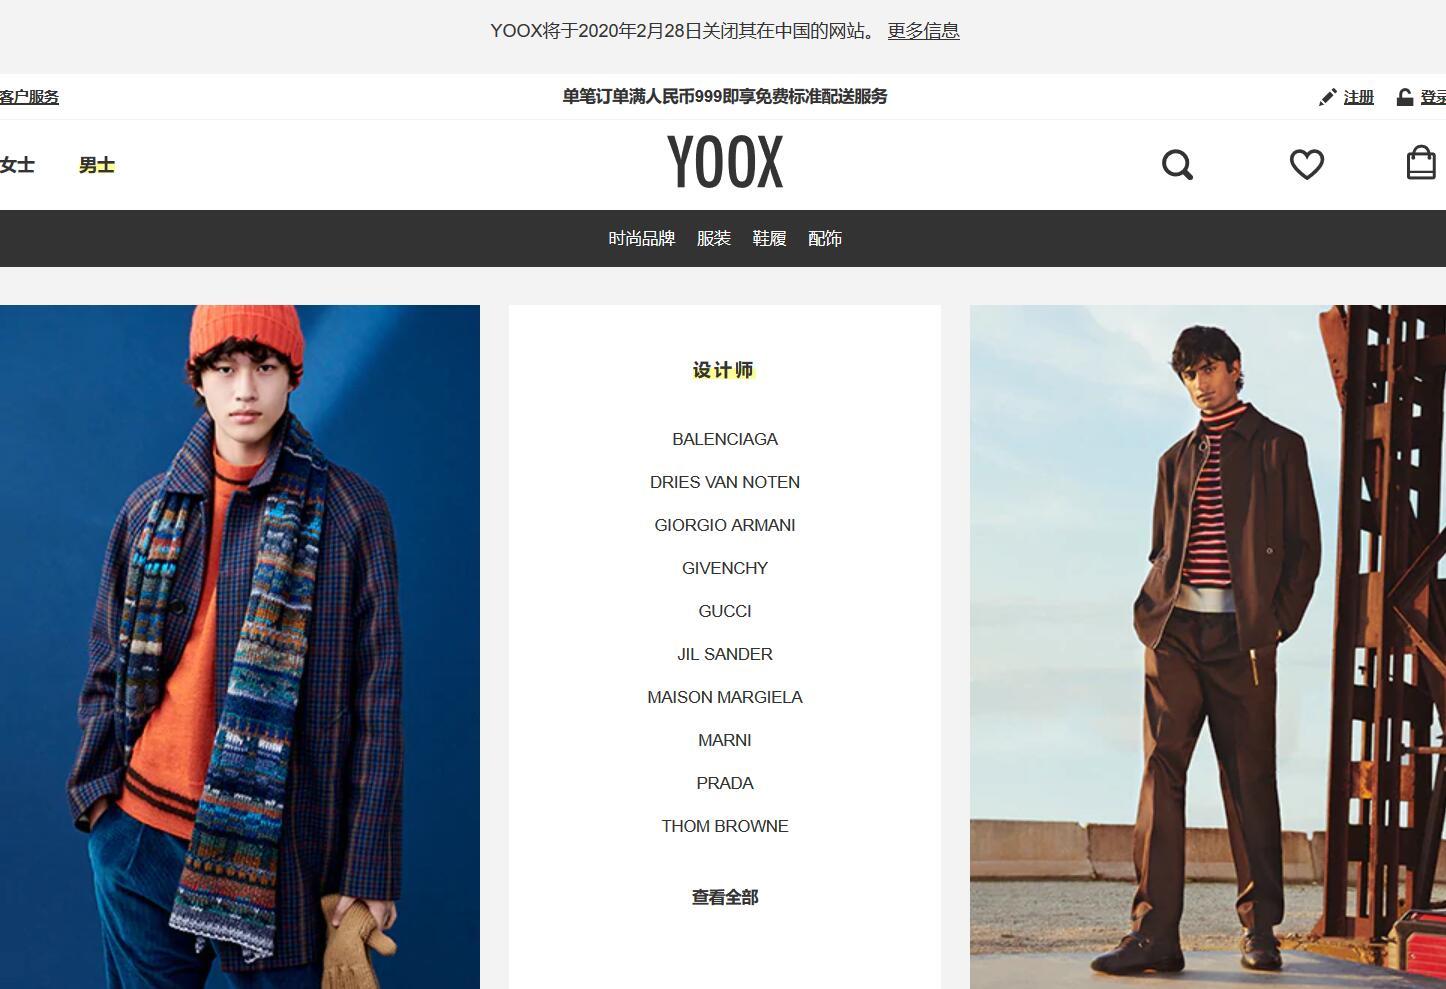 奢侈品电商 YNAP 将关闭 Yoox中文网站,聚焦与阿里巴巴的中国合资企业